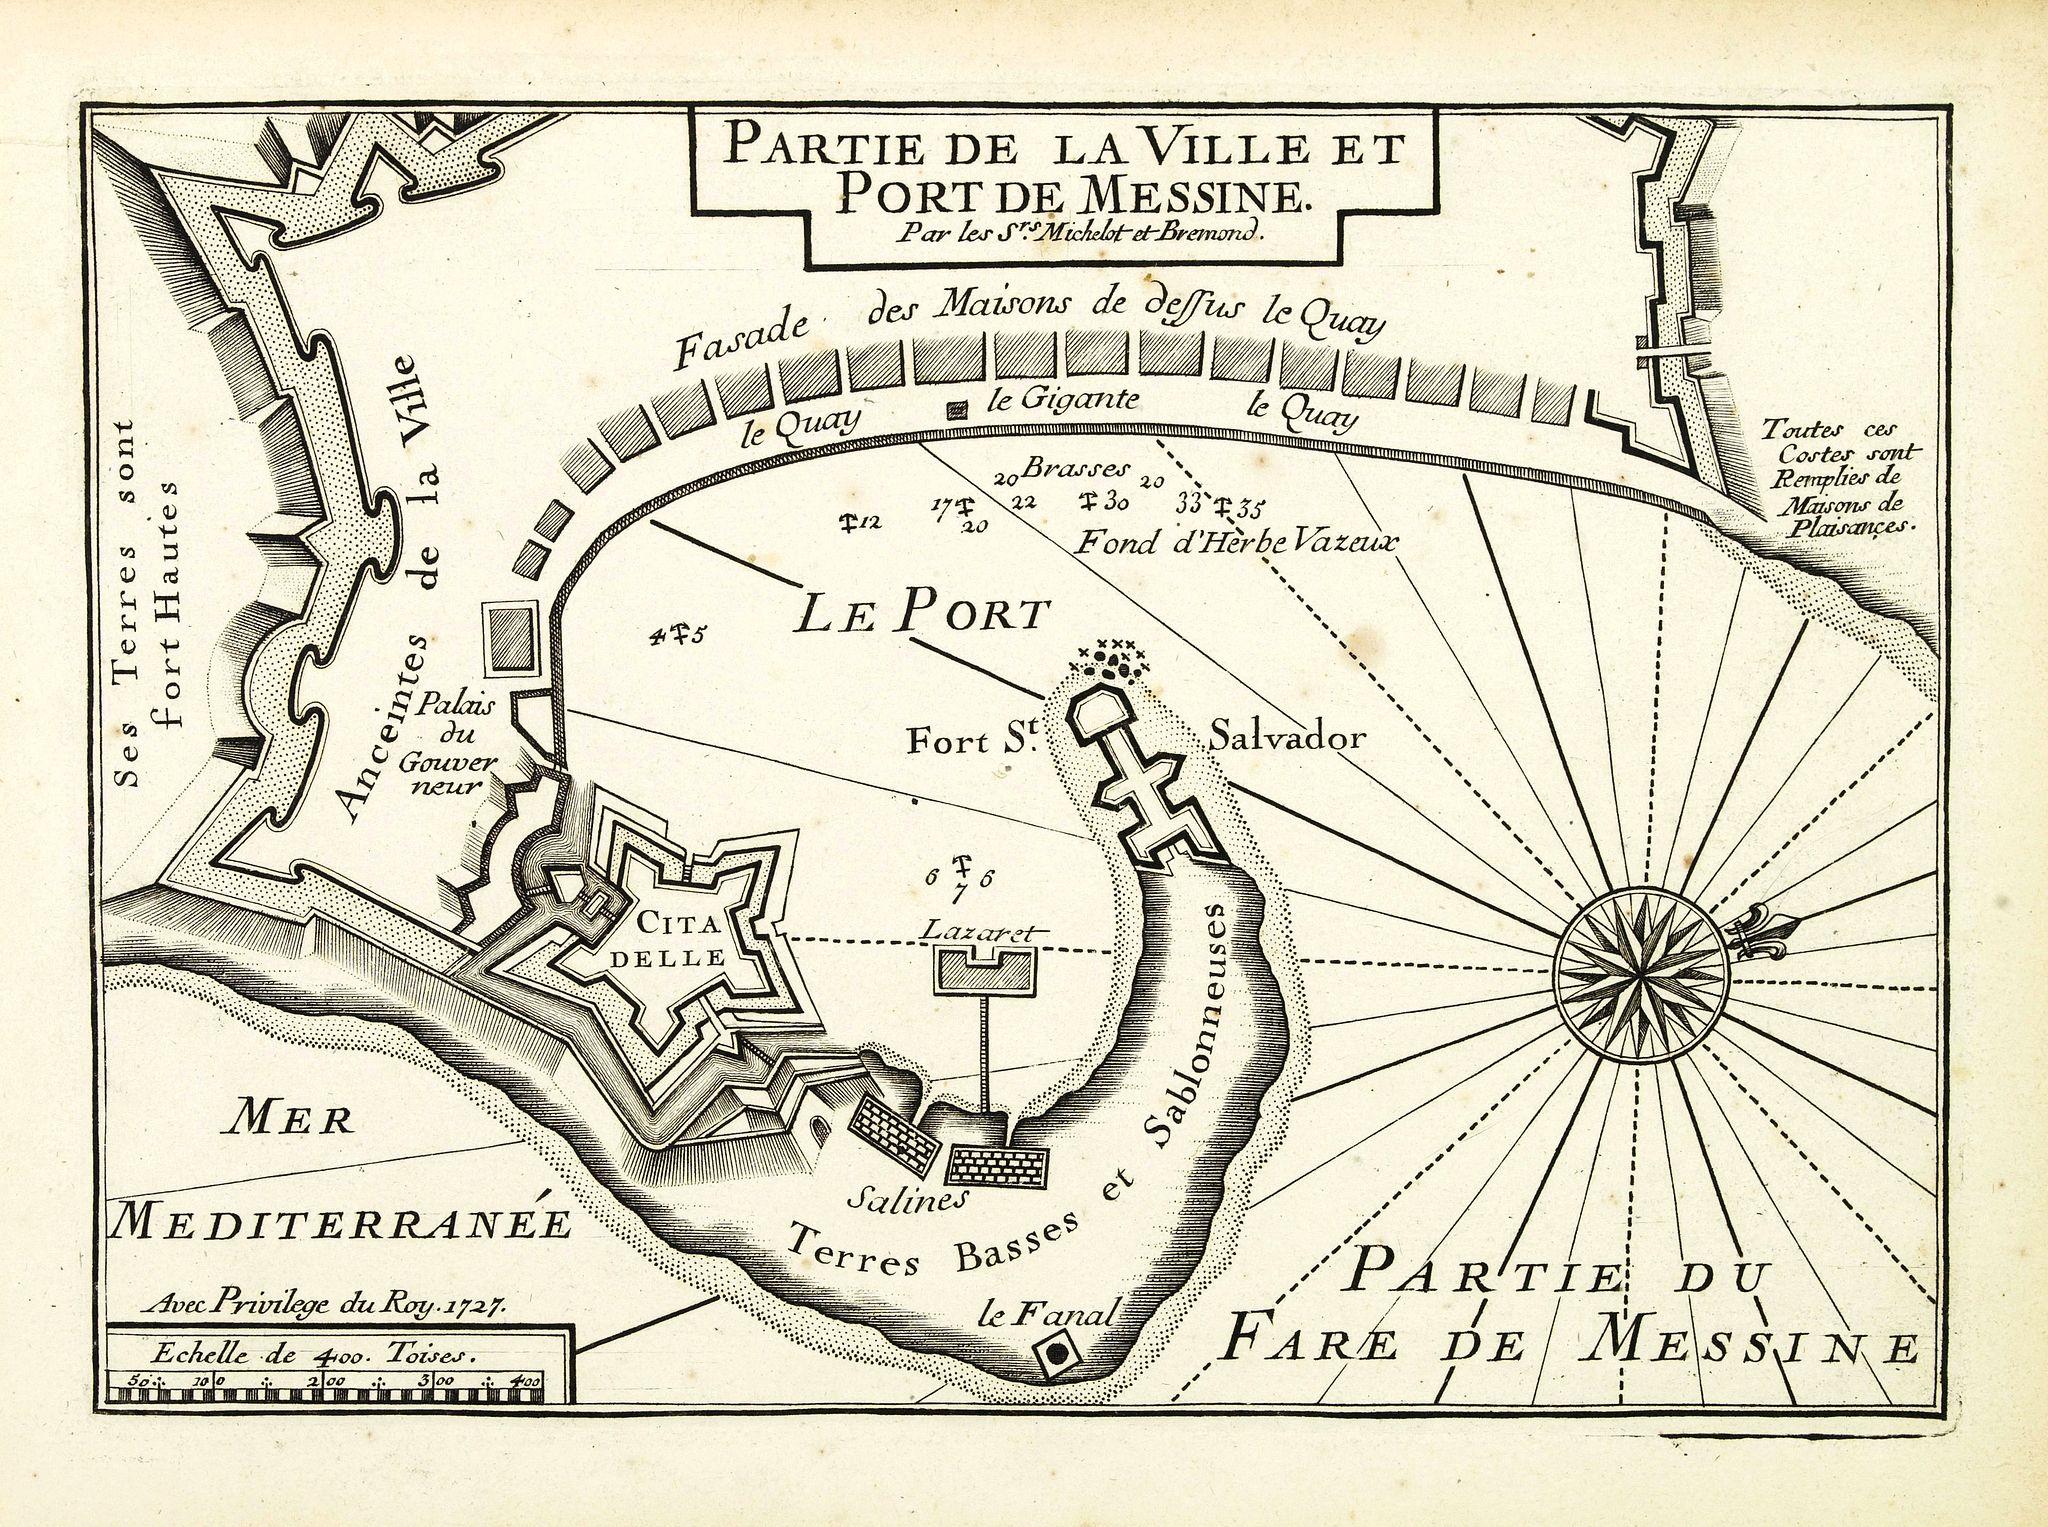 MICHELOT, H. / BREMOND, L. -  Plan de la Ville et Port de Messine.